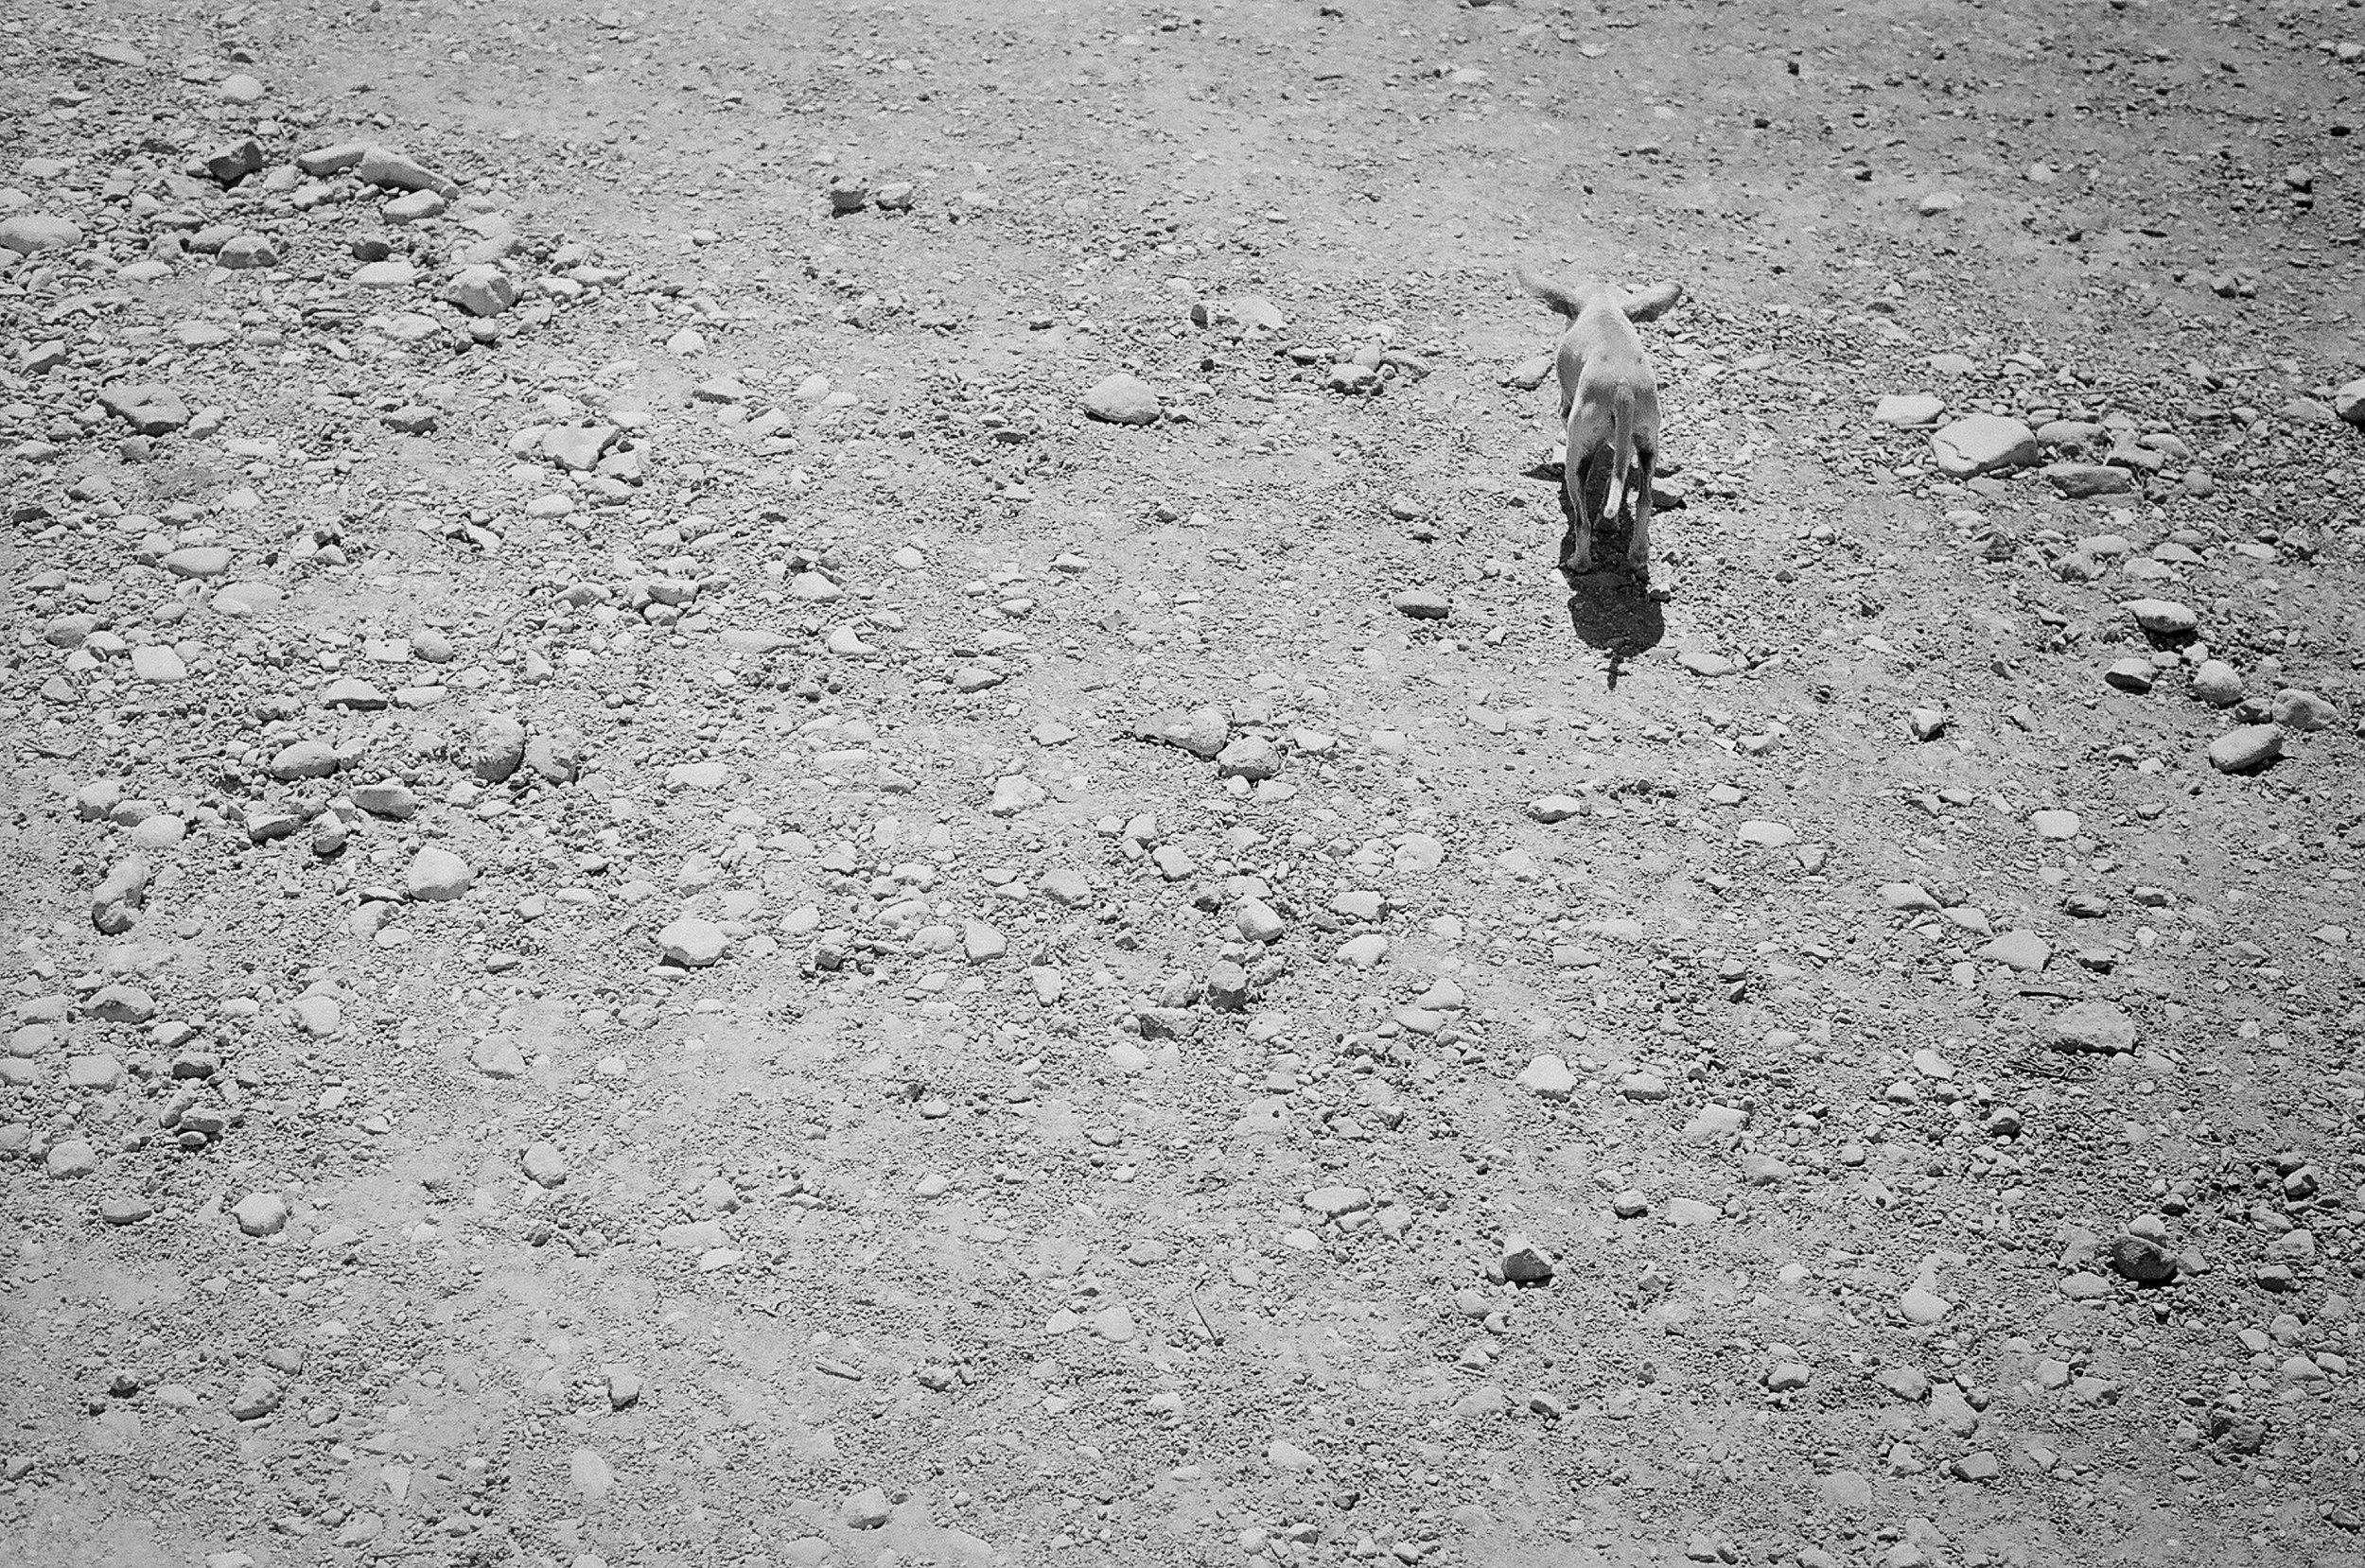 Cerca del Río_Boquillas del Carmen_2016_Katrina Jane Perry-13.jpg